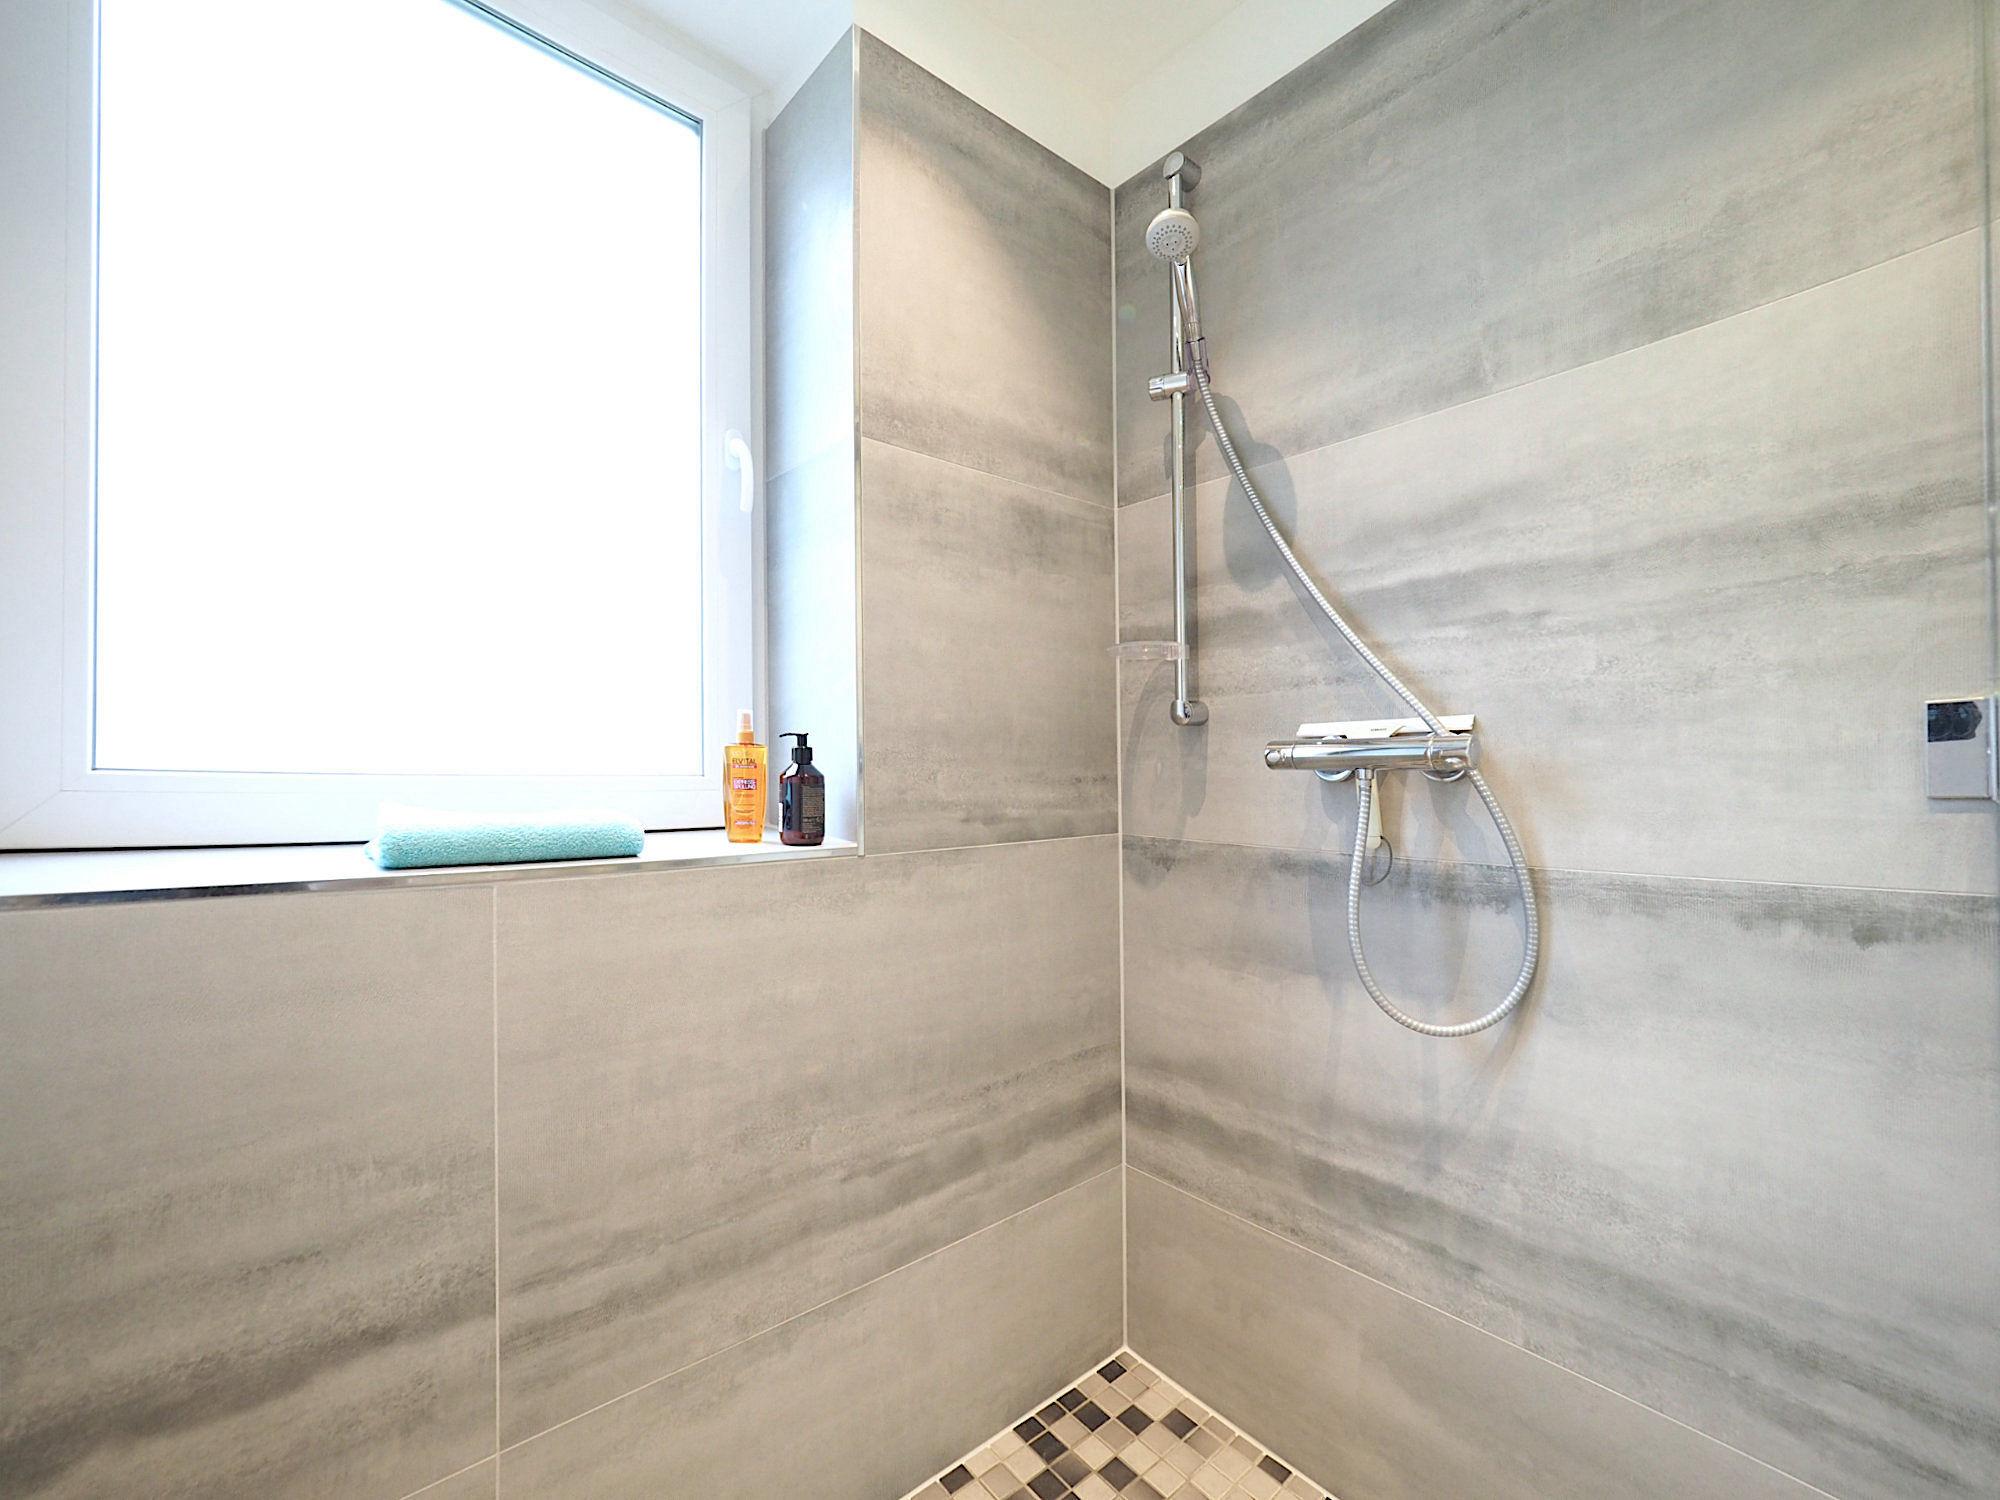 Blick in die geflieste Dusche, im Hintergrund ist ein Fenster